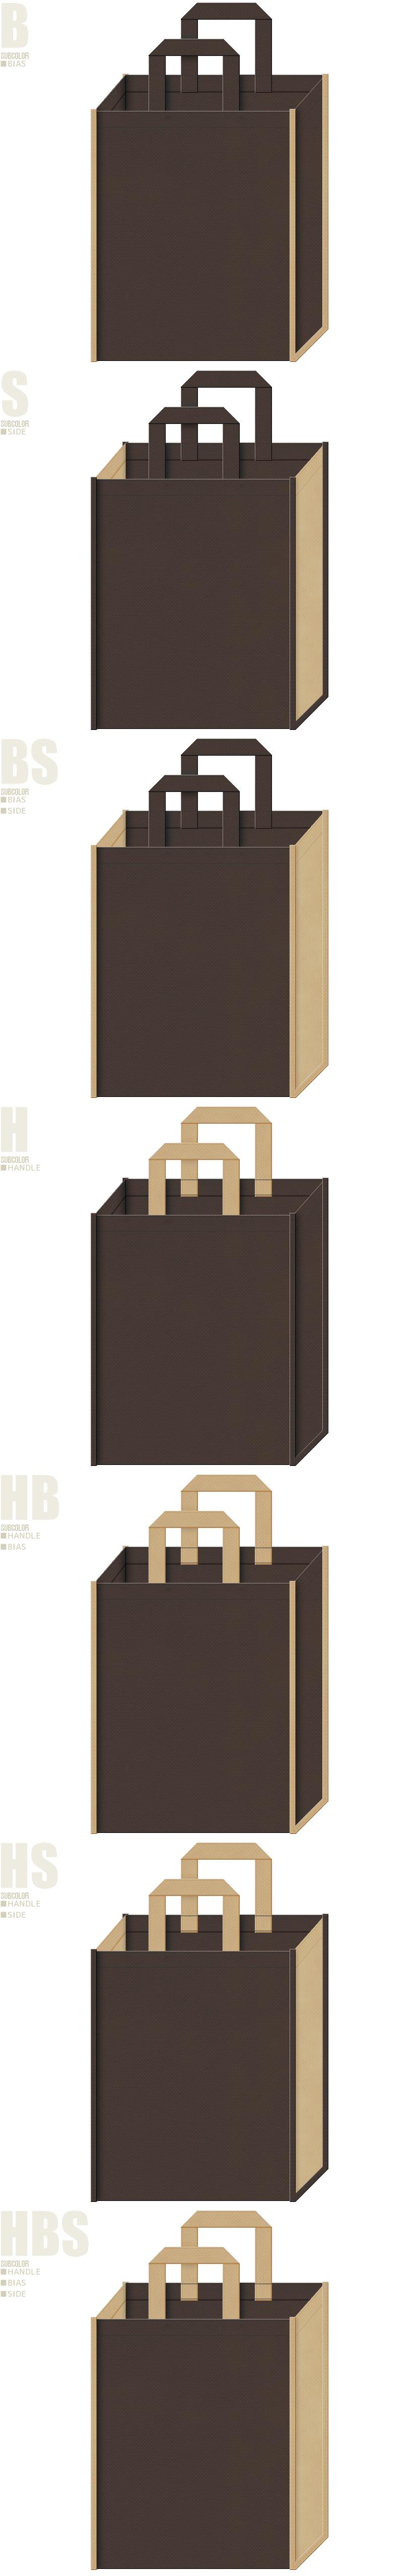 コーヒー・石窯パン・ログハウスのイメージにお奨めです。こげ茶色とカーキ色、7パターンの不織布トートバッグ配色デザイン例。